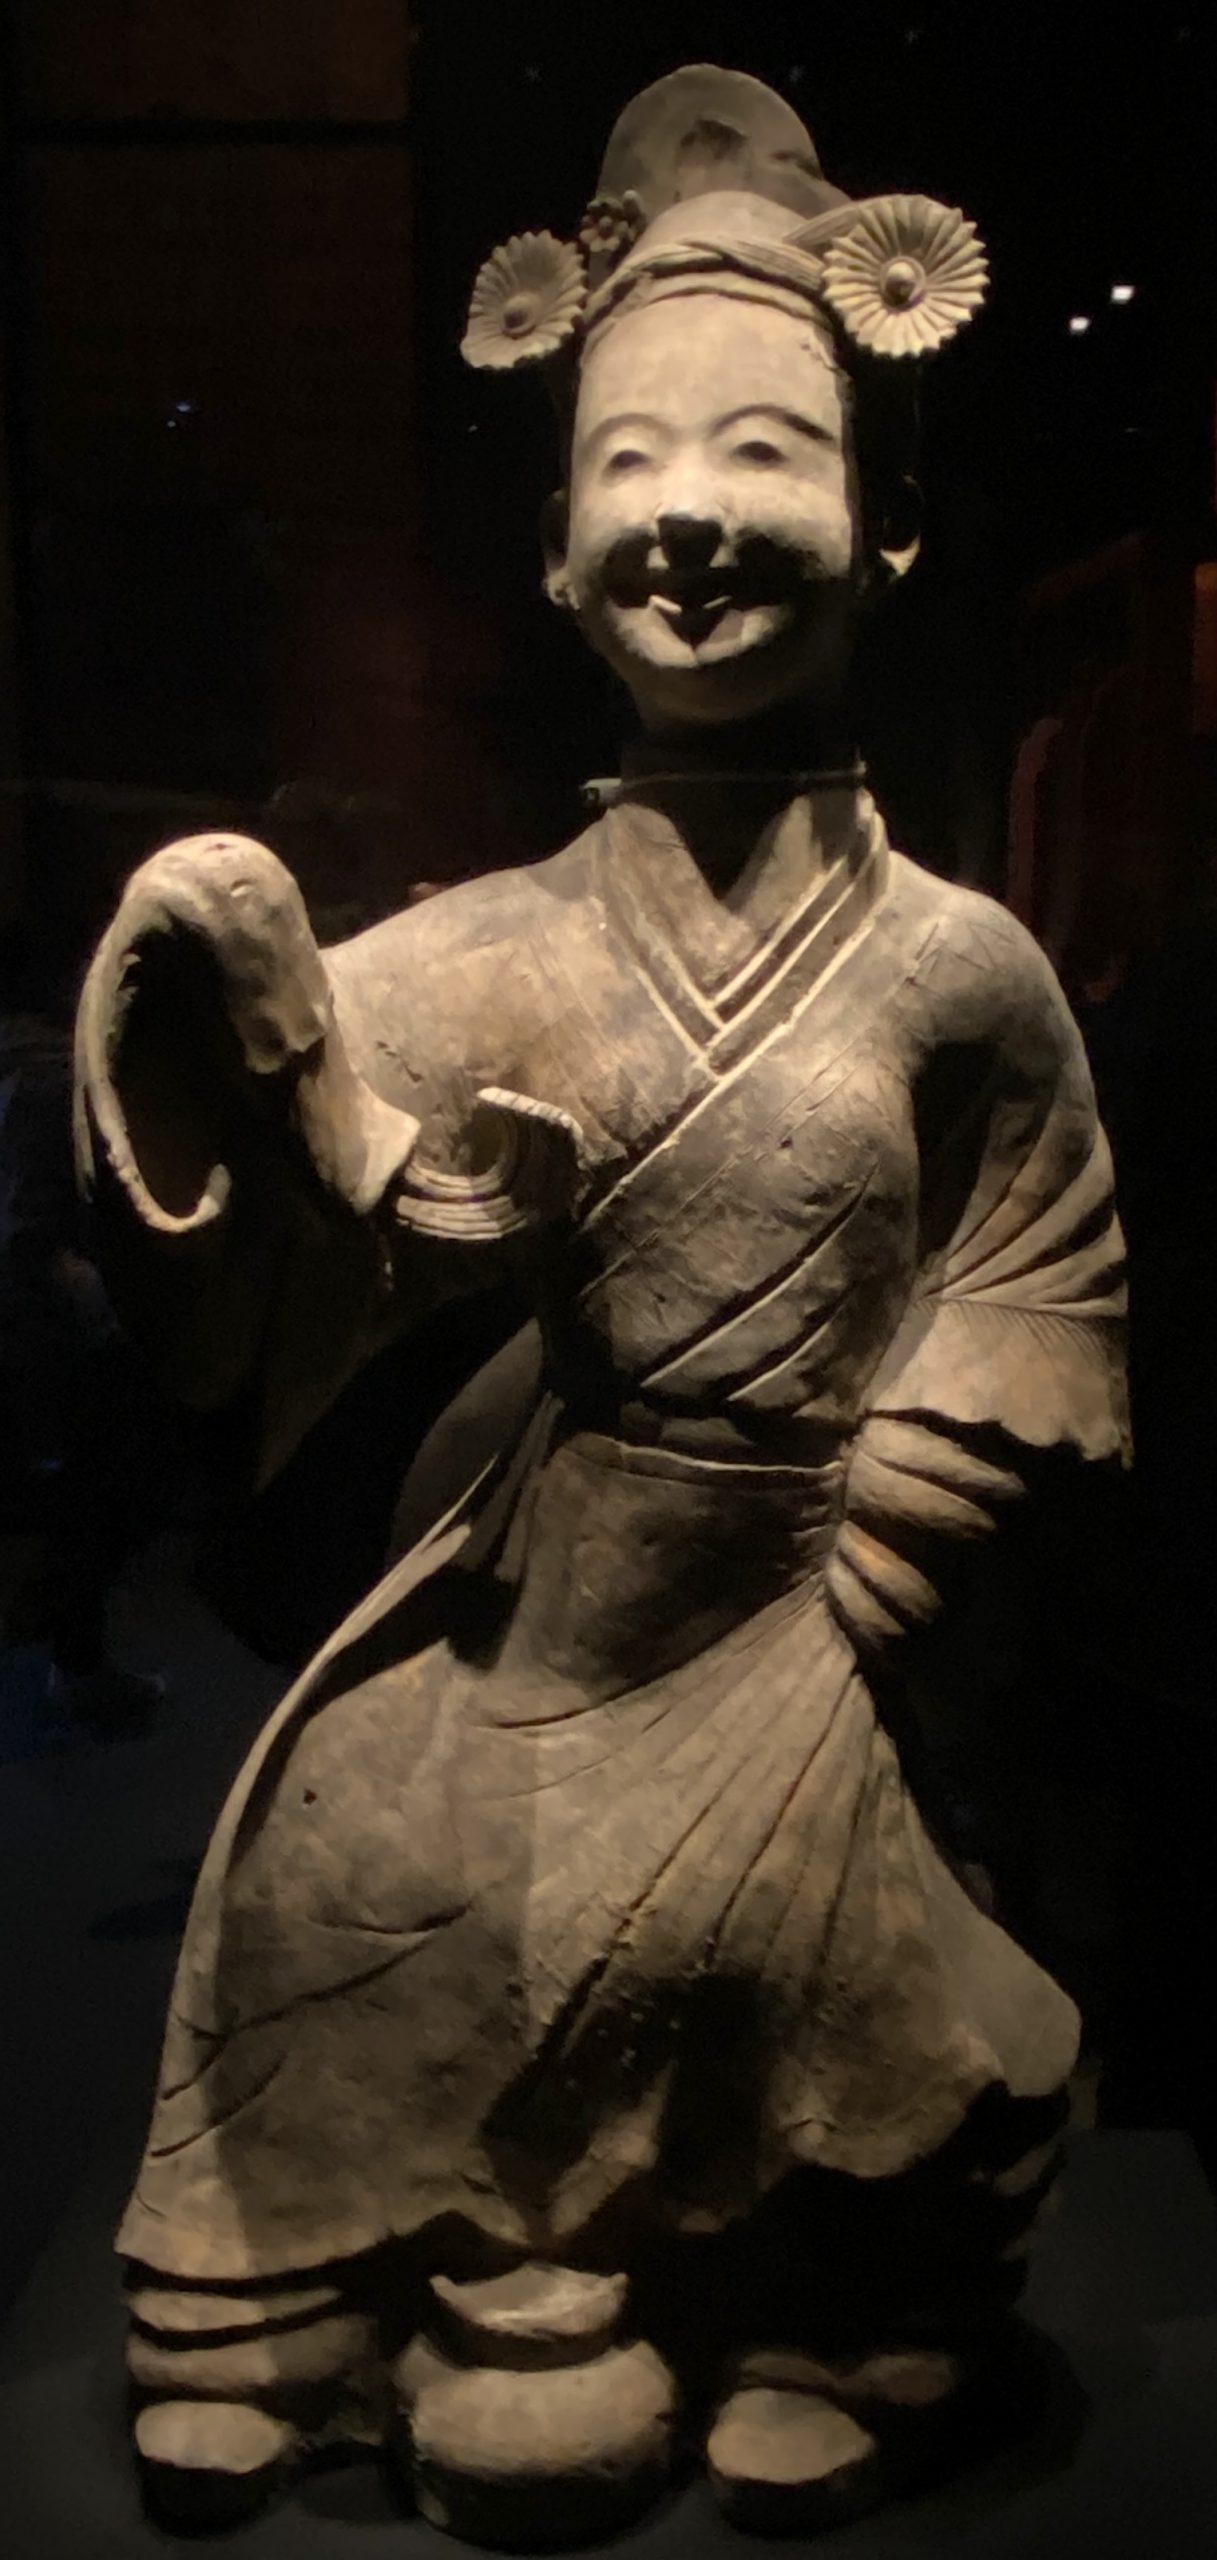 漆立舞俑-【列備五都-秦漢時代の中国都市】-成都博物館-四川成都